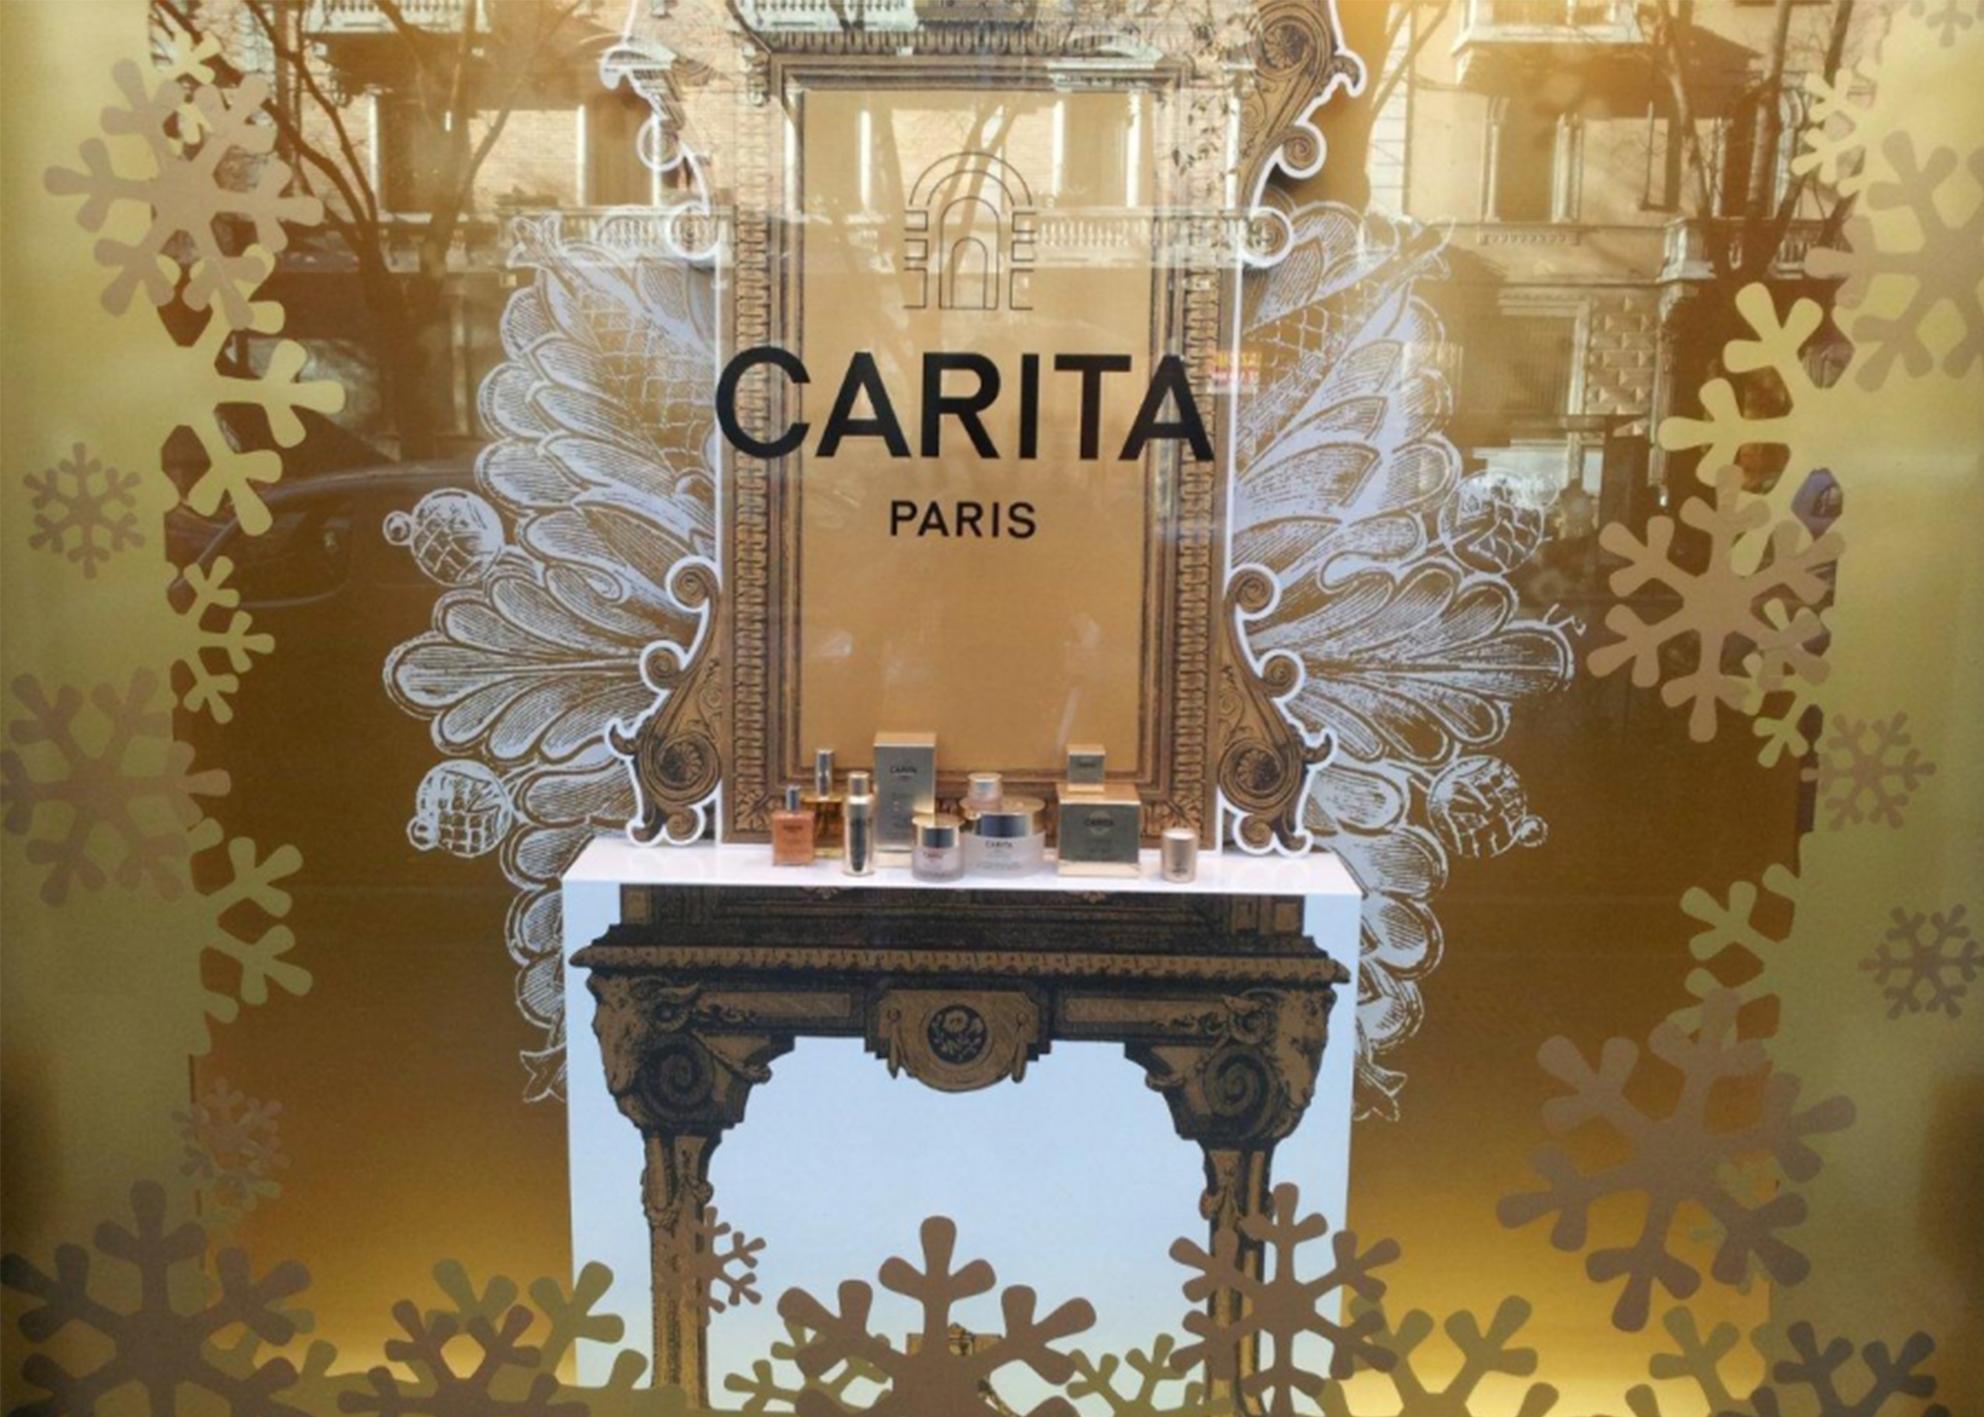 Immagine Sito Carita 01